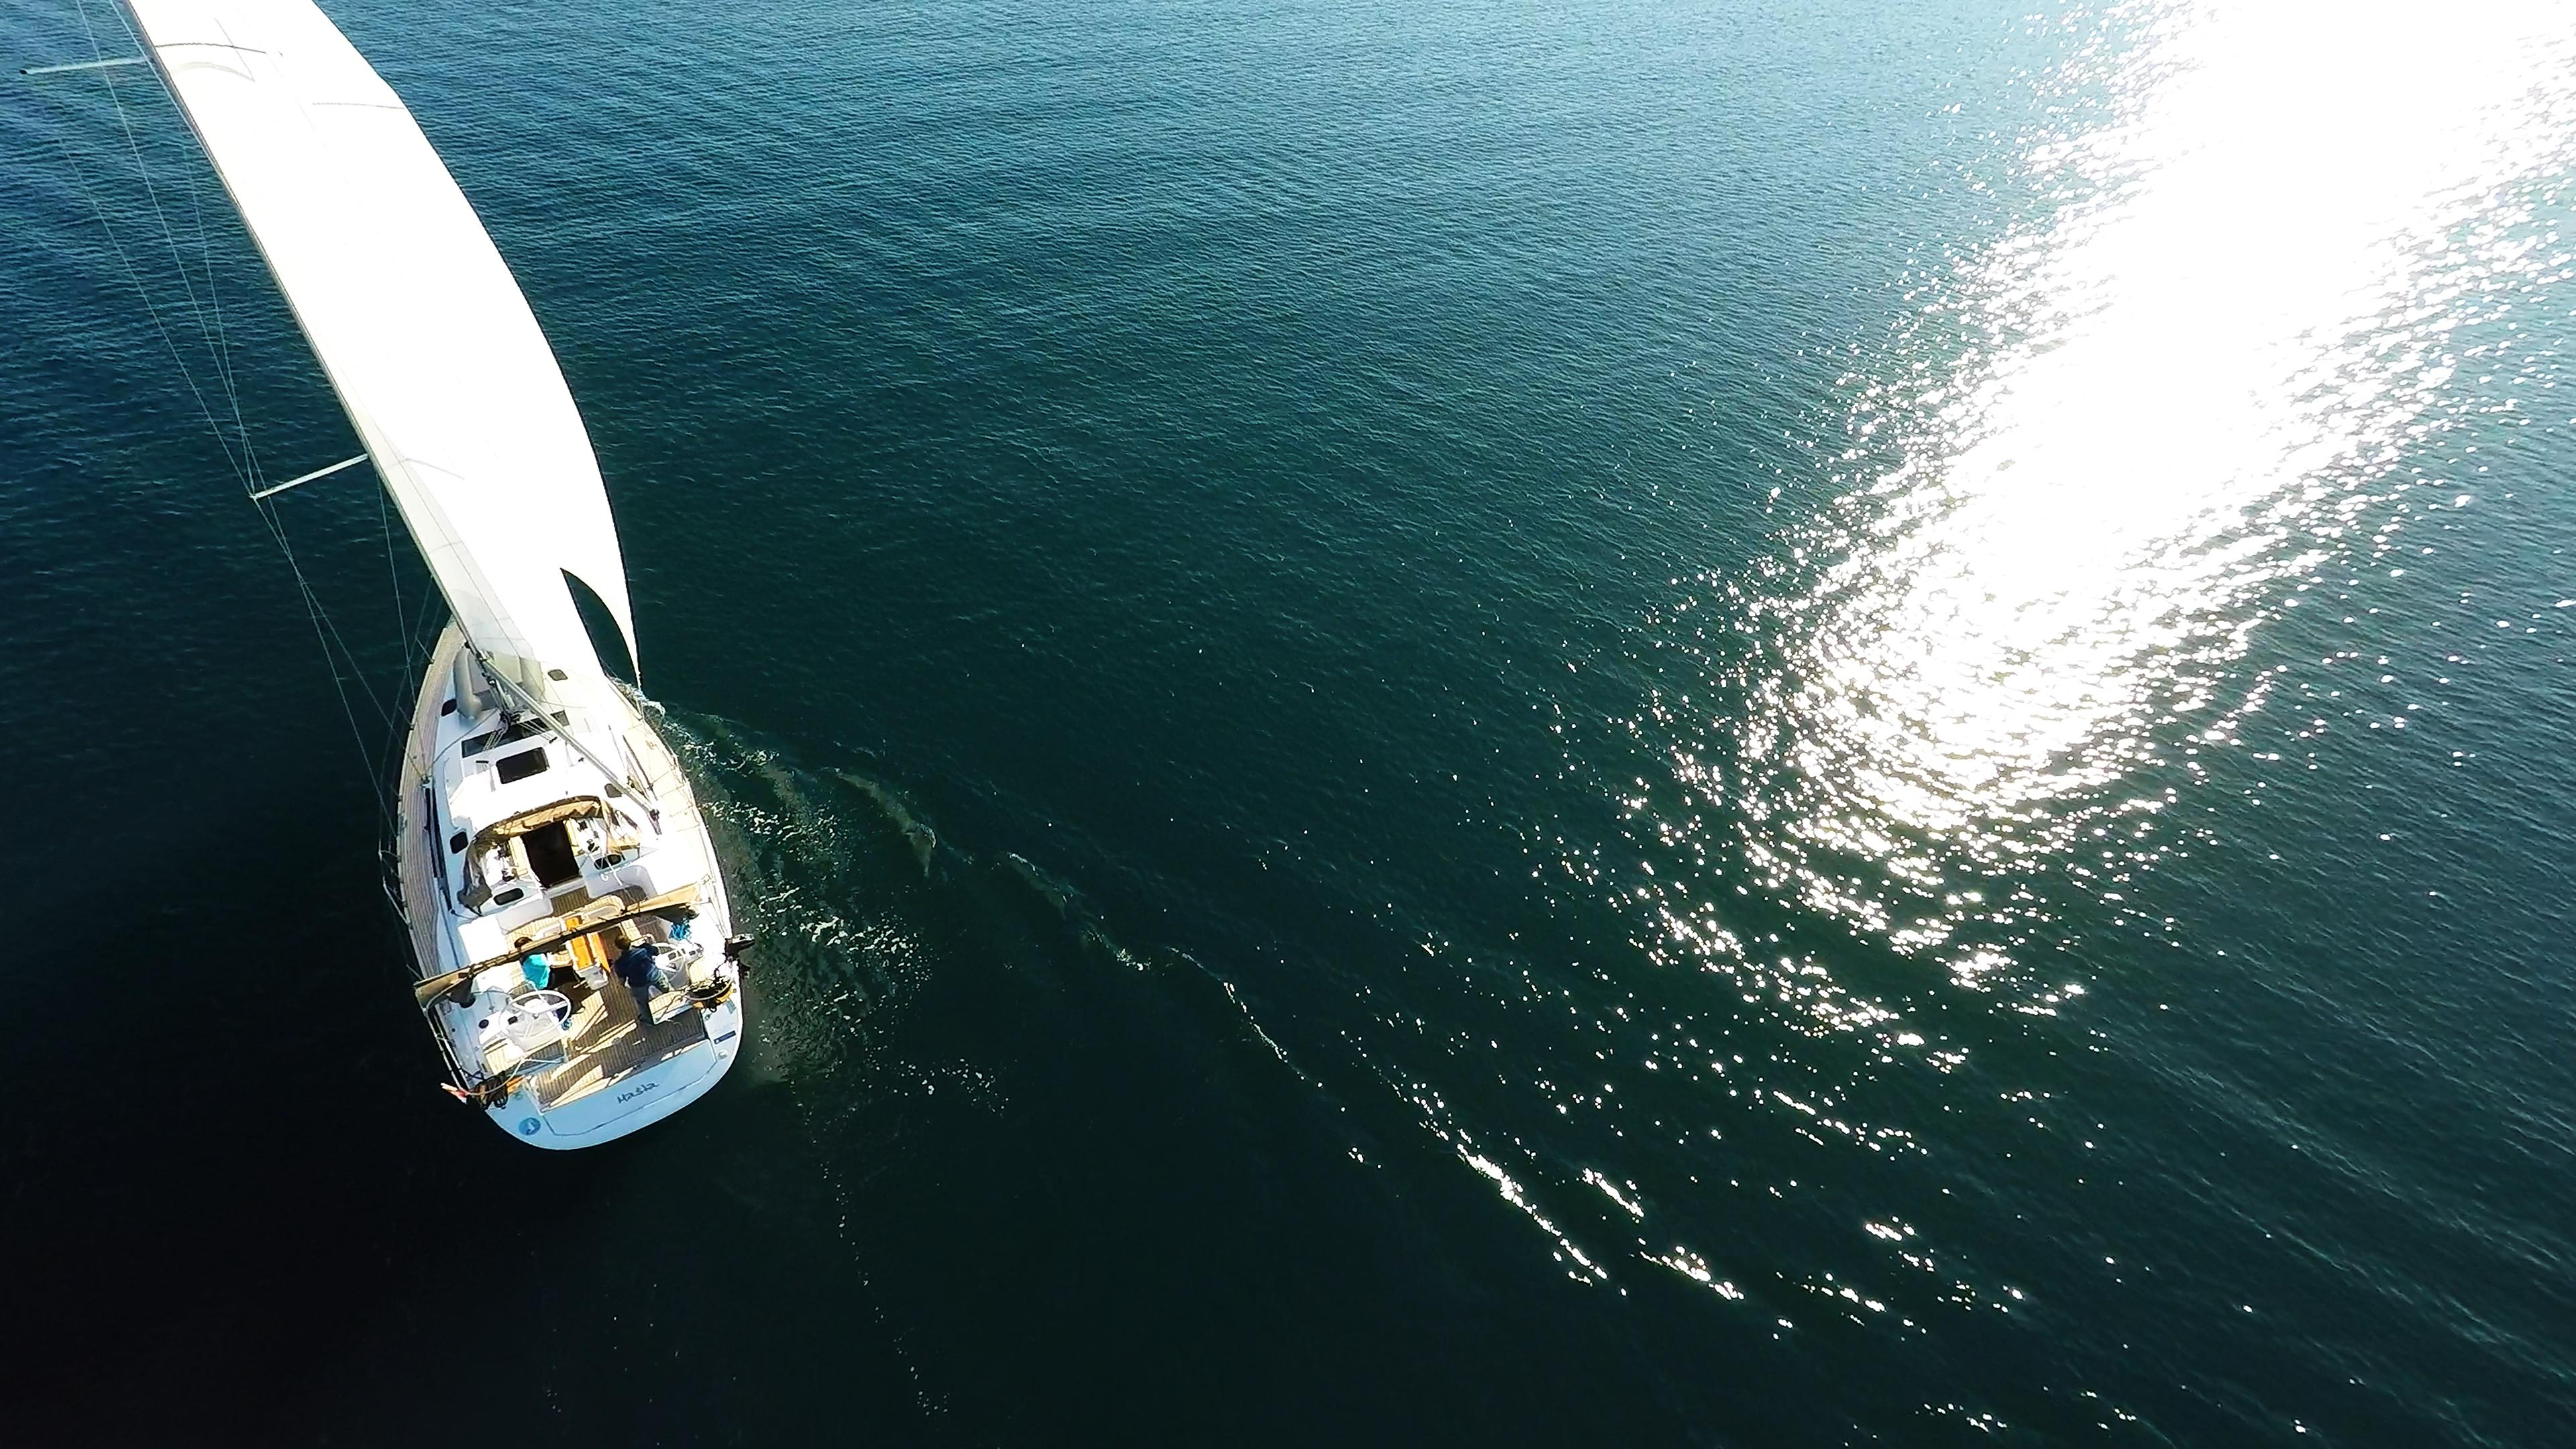 refleksija sunca na površini mora jedrilica jedrilica jedri